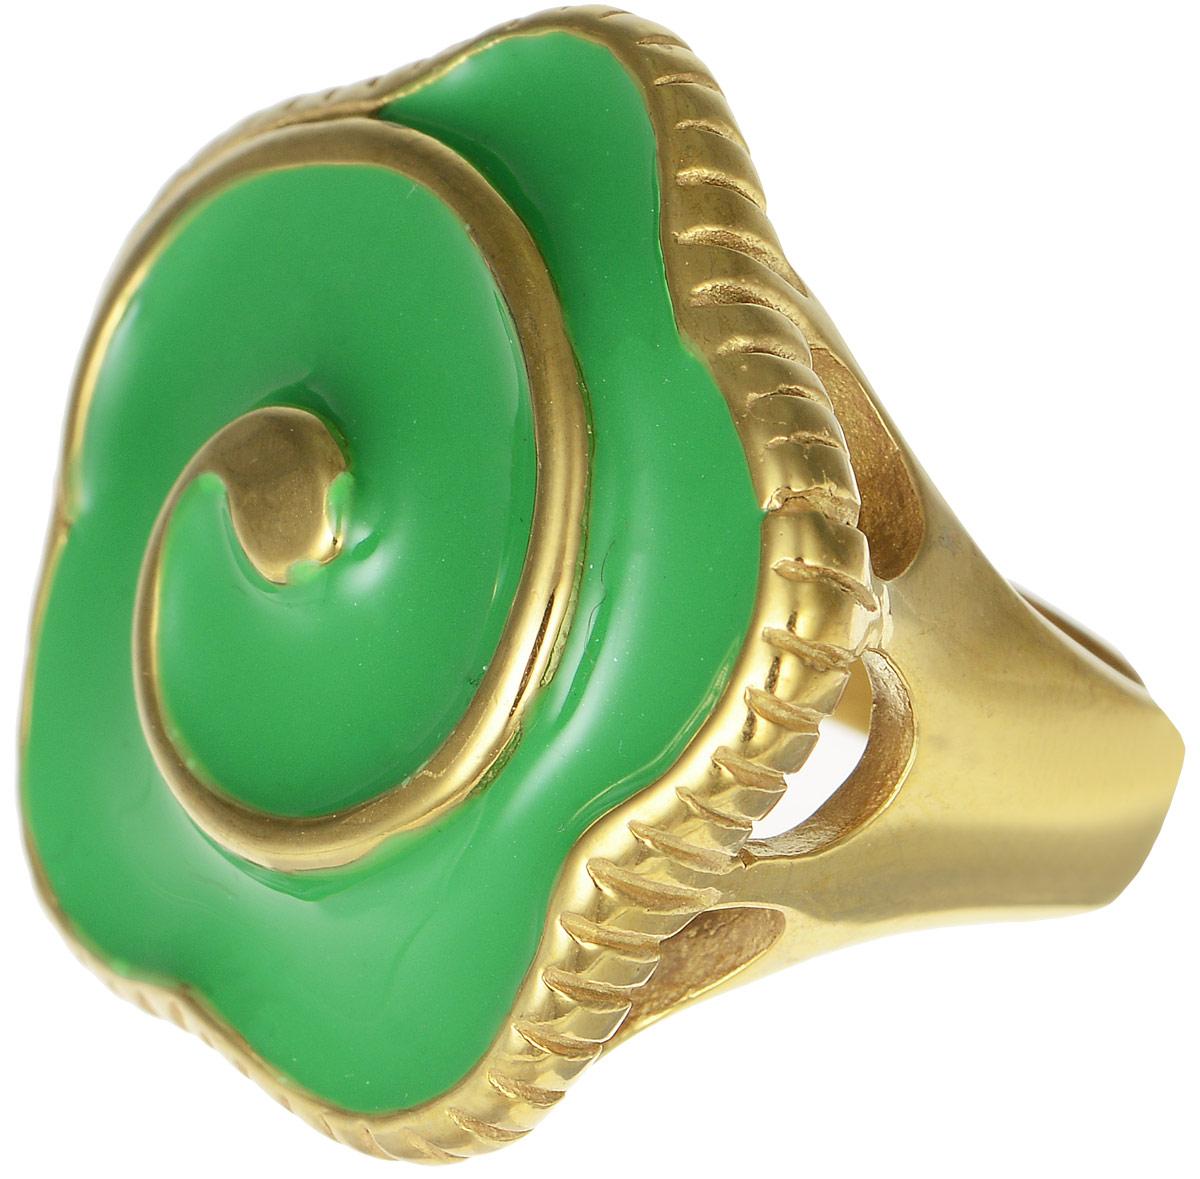 Кольцо Polina Selezneva, цвет: золотистый, зеленый. DG-0032. Размер 18DG-0032-08Оригинальное кольцо Polina Selezneva выполнено из металлического сплава. Оформлено изделие в форме цветка. Декоративная часть покрыта эмалью. Такое кольцо это блестящее завершение вашего неповторимого, смелого образа и отличный подарок для ценительницы необычных украшений!